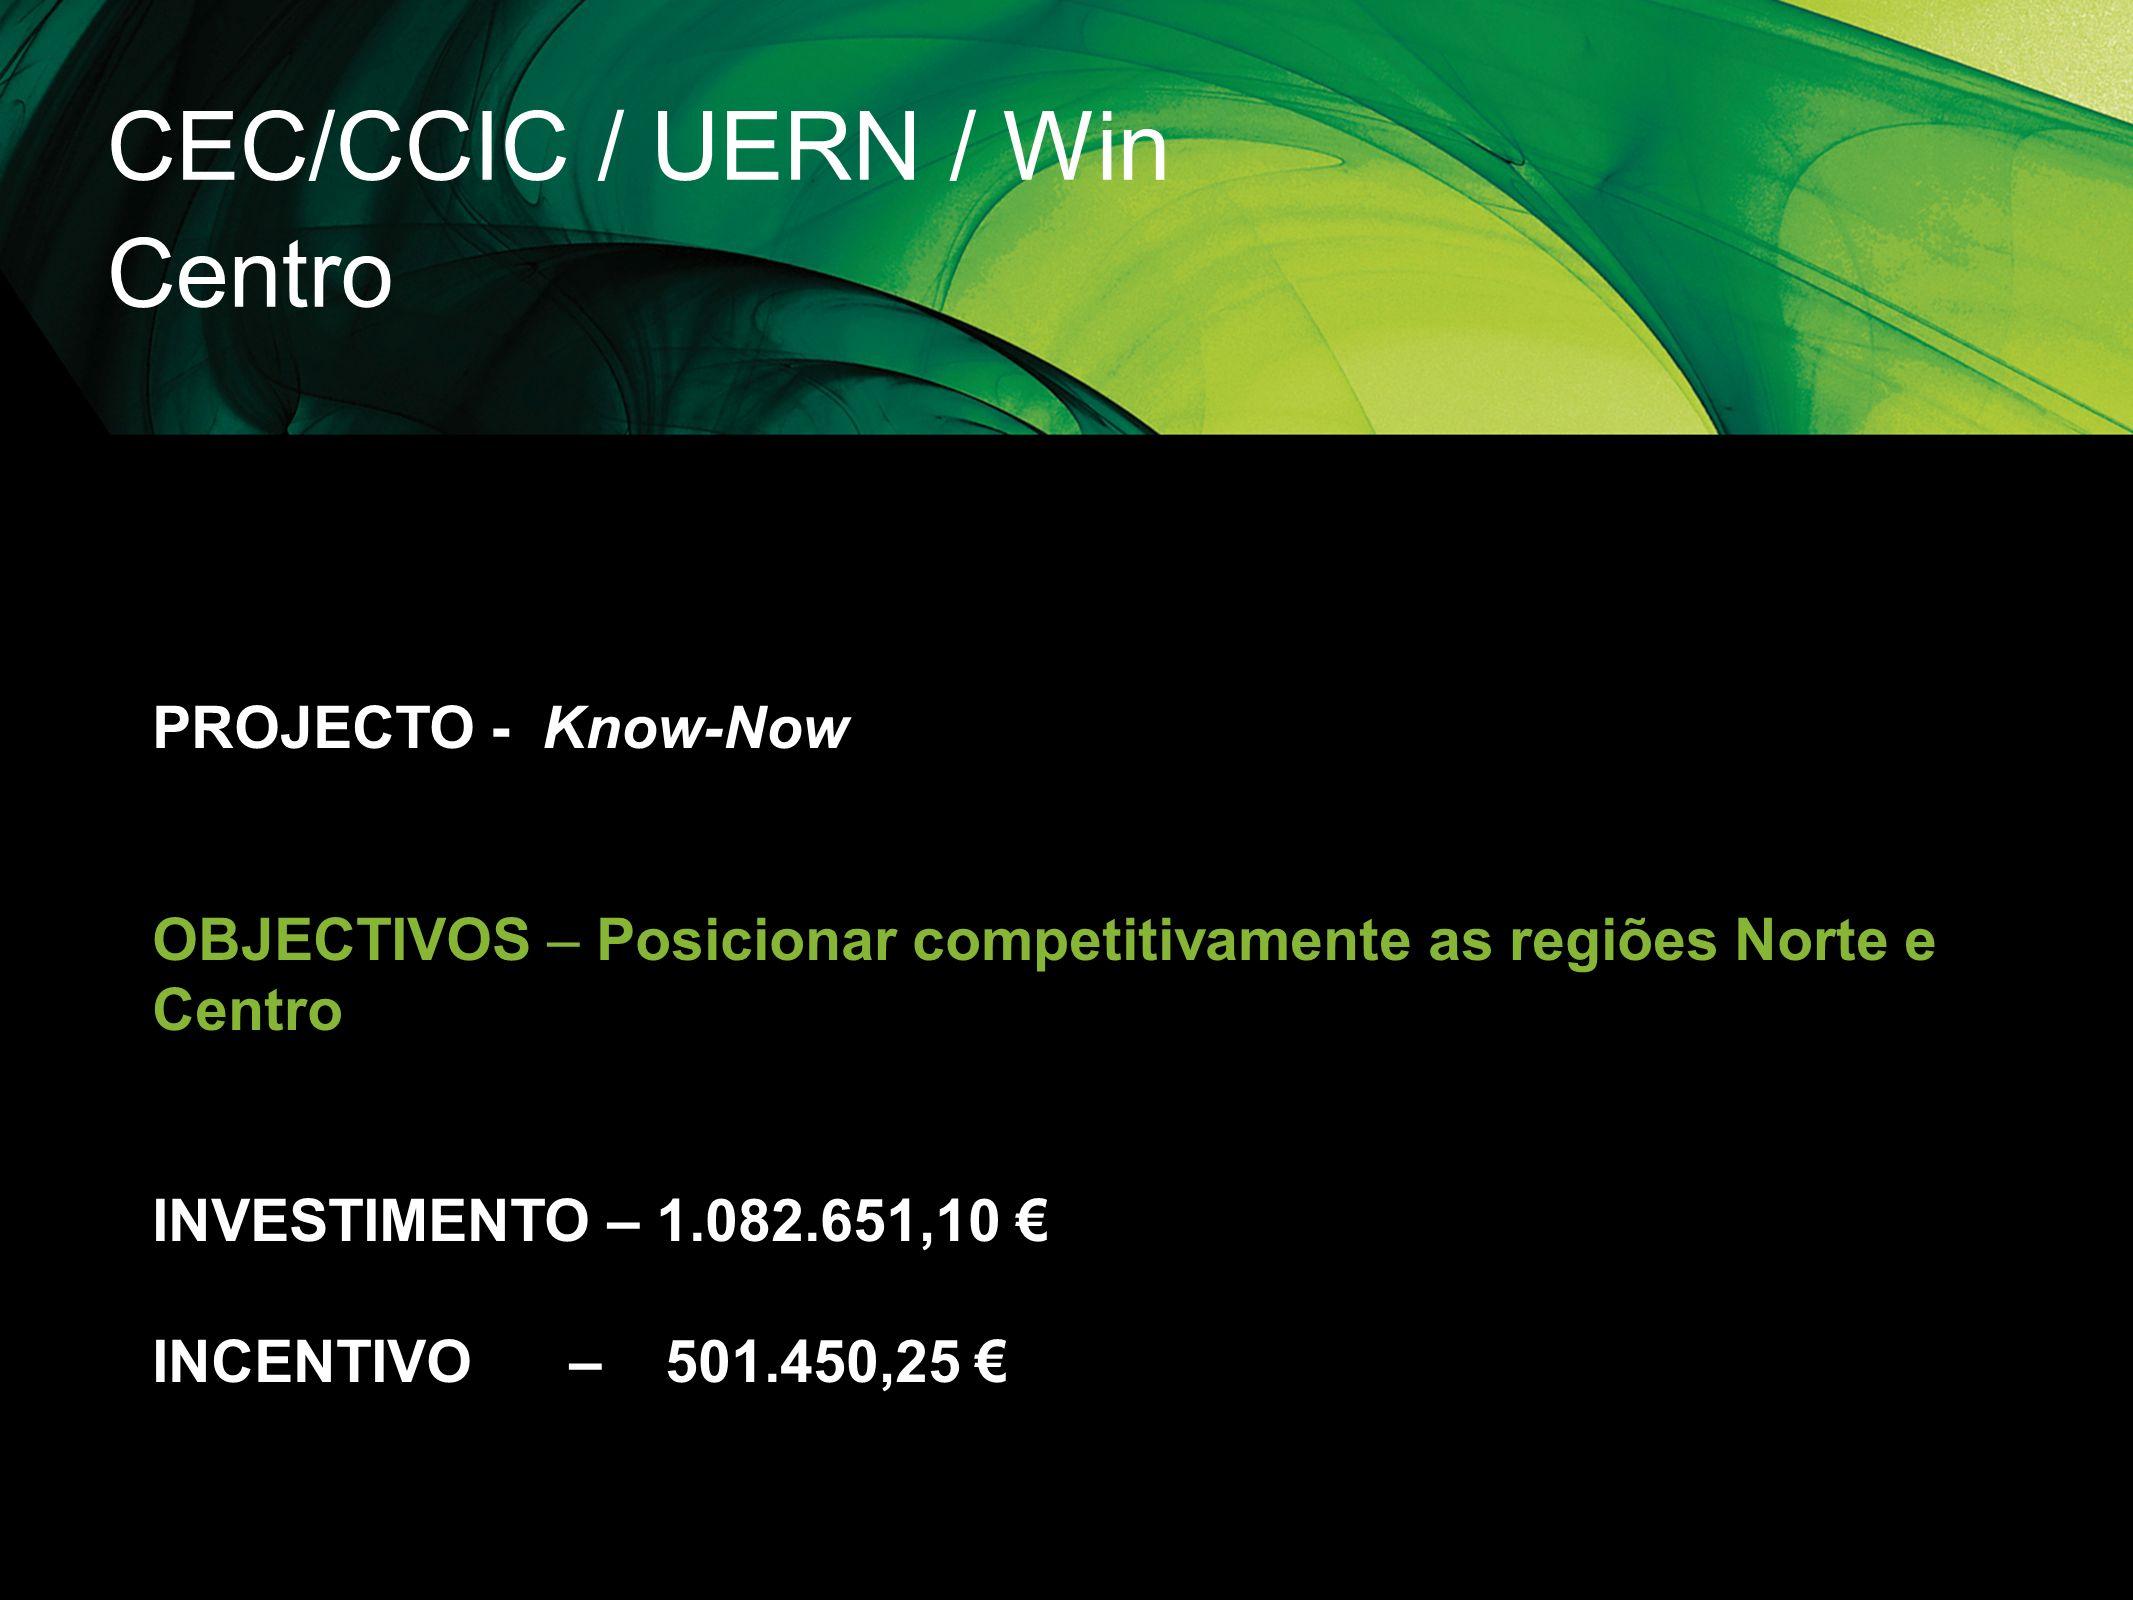 CEC/CCIC / UERN / Win Centro